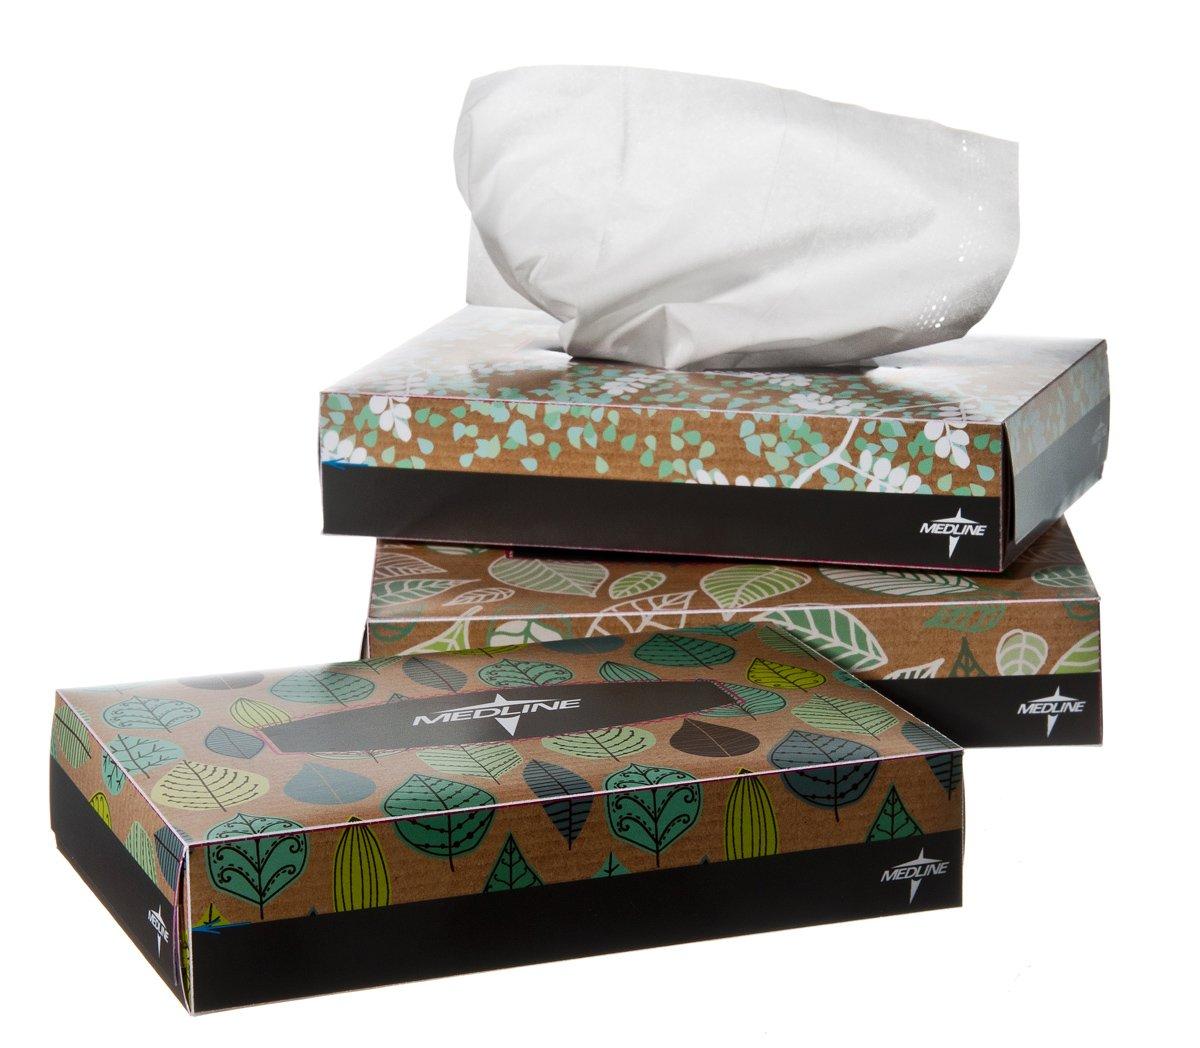 Medline NON243276 Standard Facial Tissues (Pack of 72)